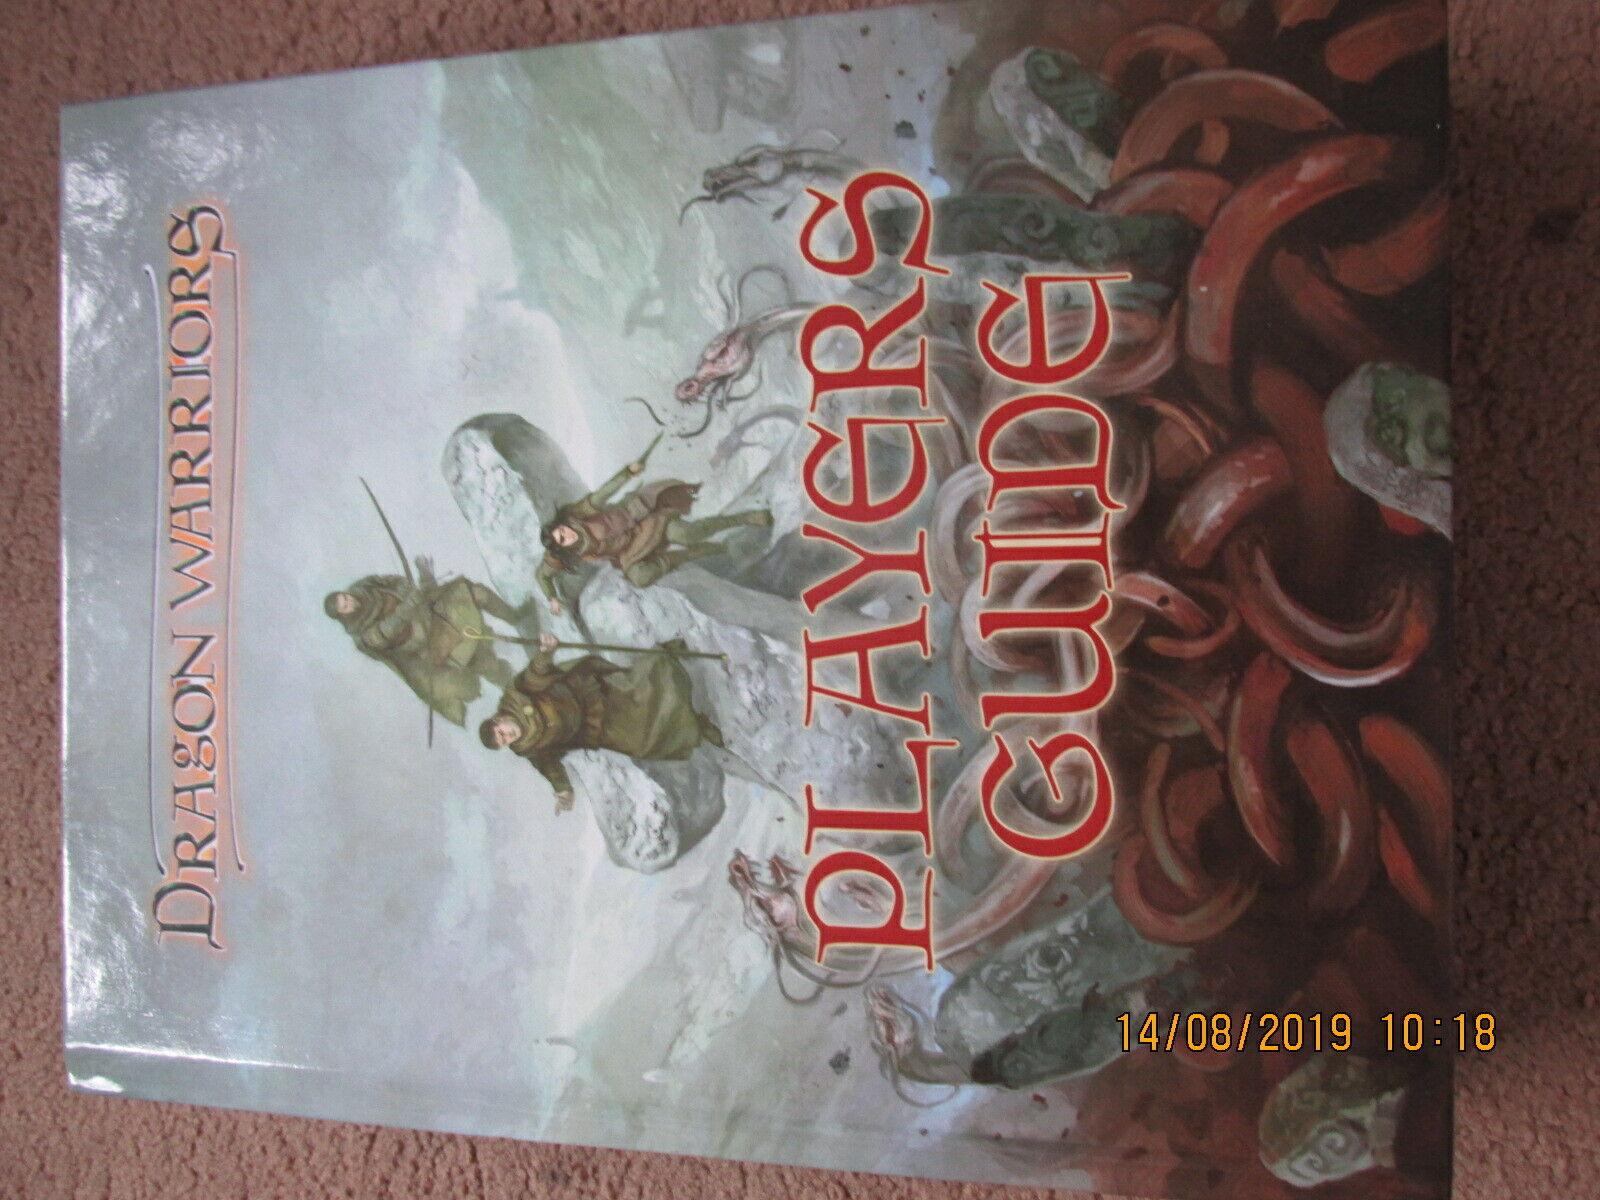 Guía de jugadores de RPG guerreros de dragón fantasía en muy buen estado HB HC